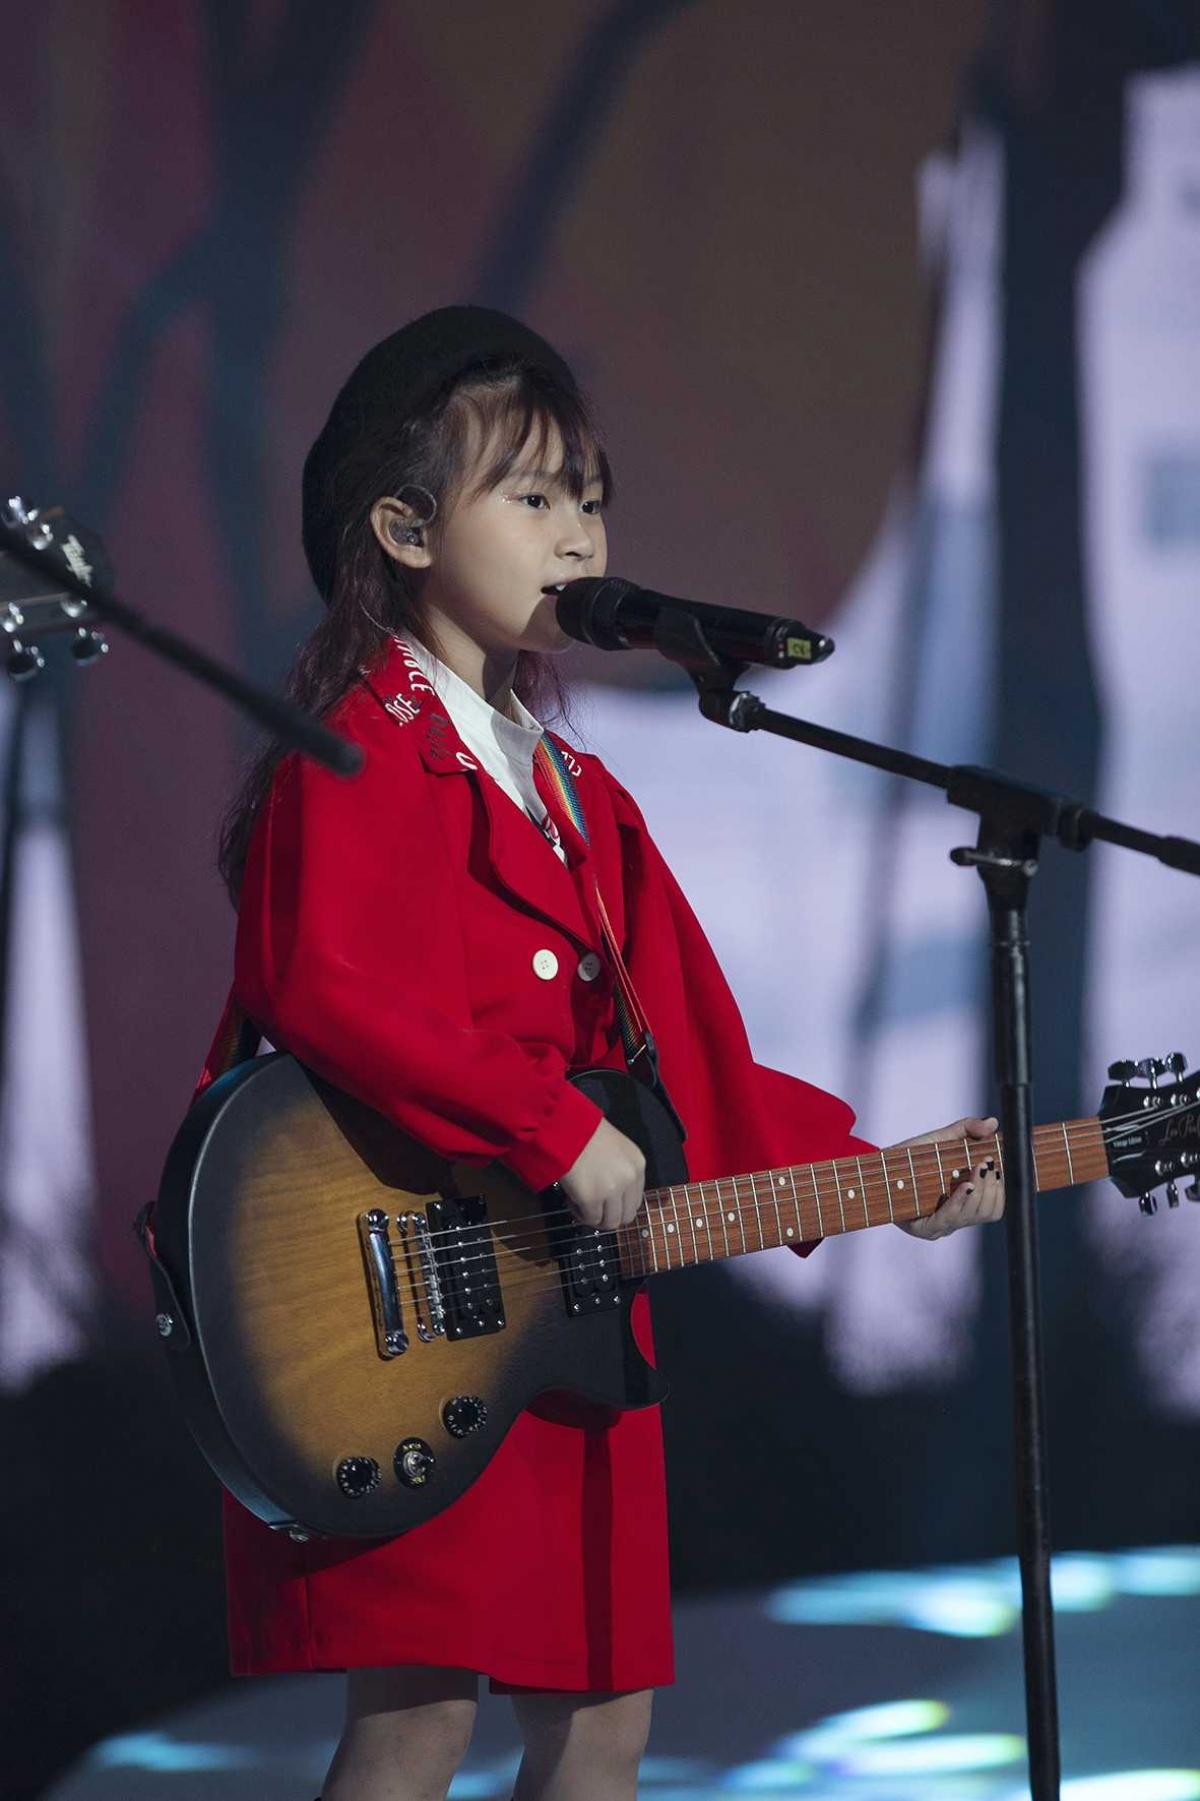 """Show diễn được mở màn với bài hát """"I love you family"""" do ca sĩ Hoàng Bách song ca cùng chính con gái. Đặc biệt hơn, đây cũng là bài hát mà bé Mèo - con gái Hoàng Bách tự sáng tác để tặng cho cả gia đình yêu thương của mình."""